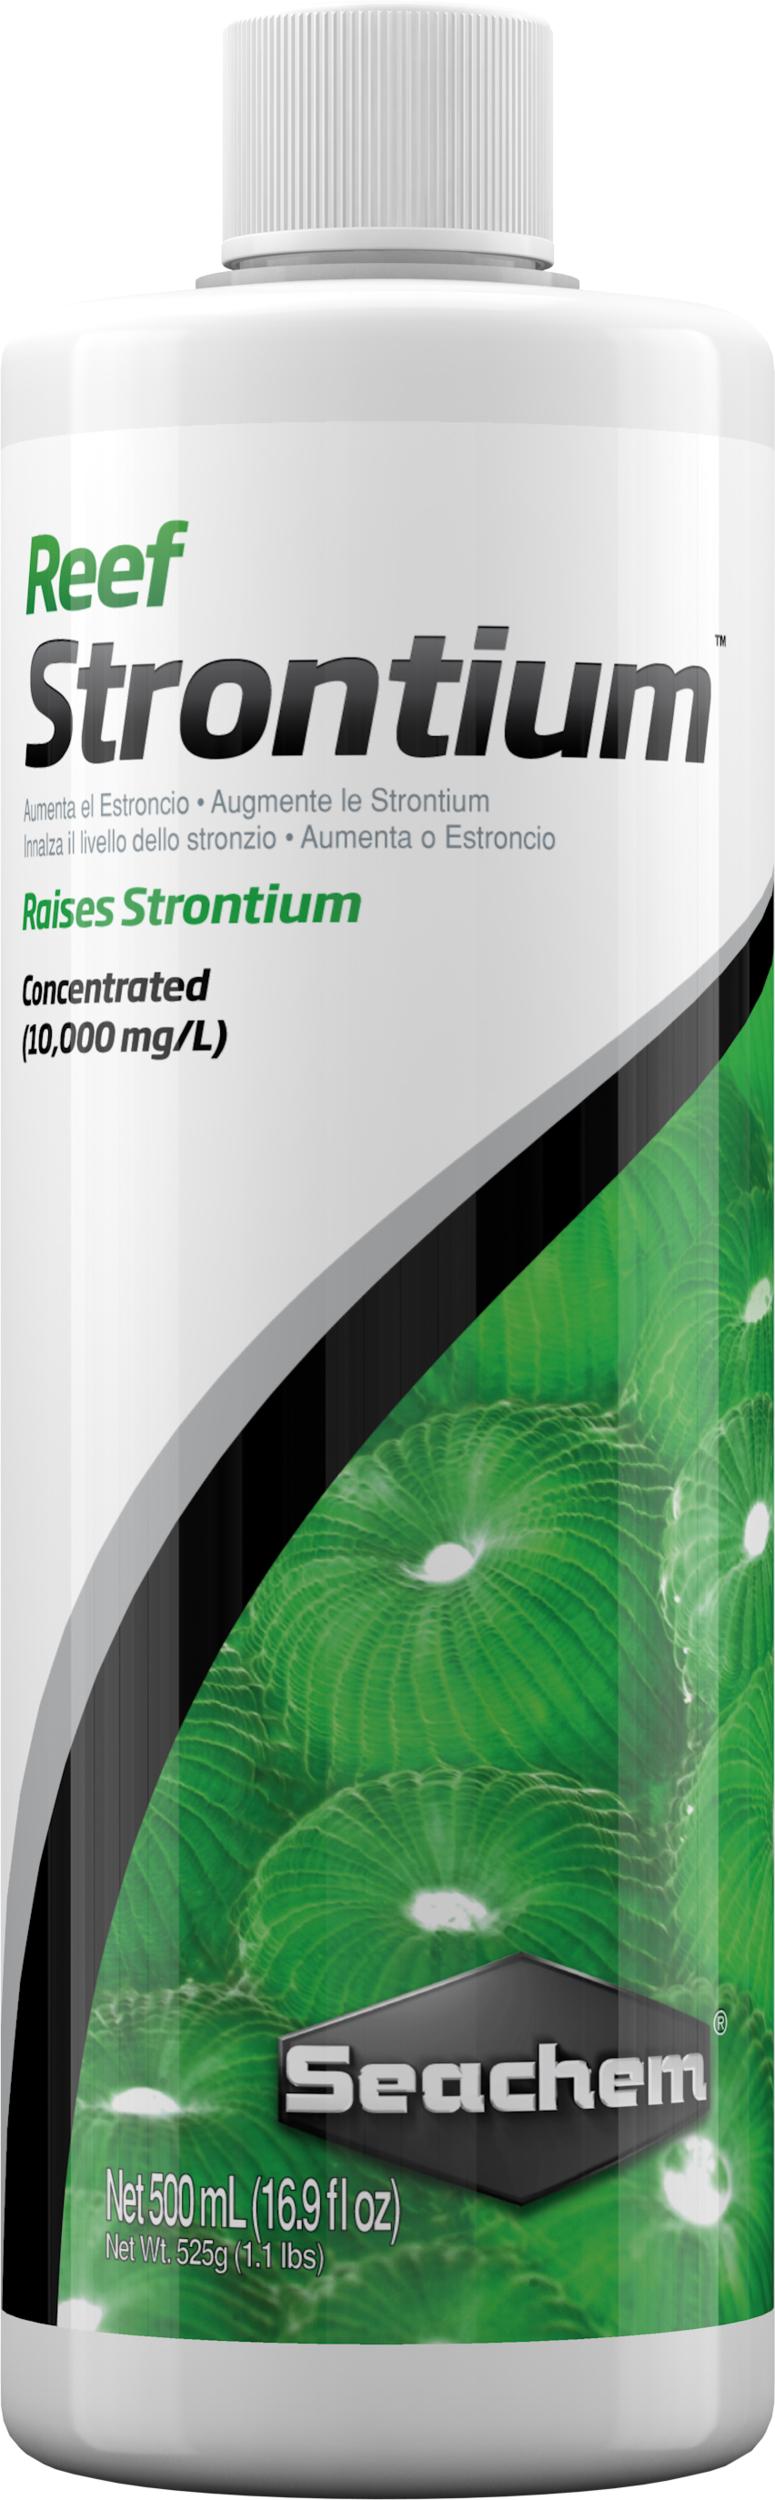 SEACHEM Reef Strontium 500 ml complément concentré qui maintient et restaure le niveau de Strontium